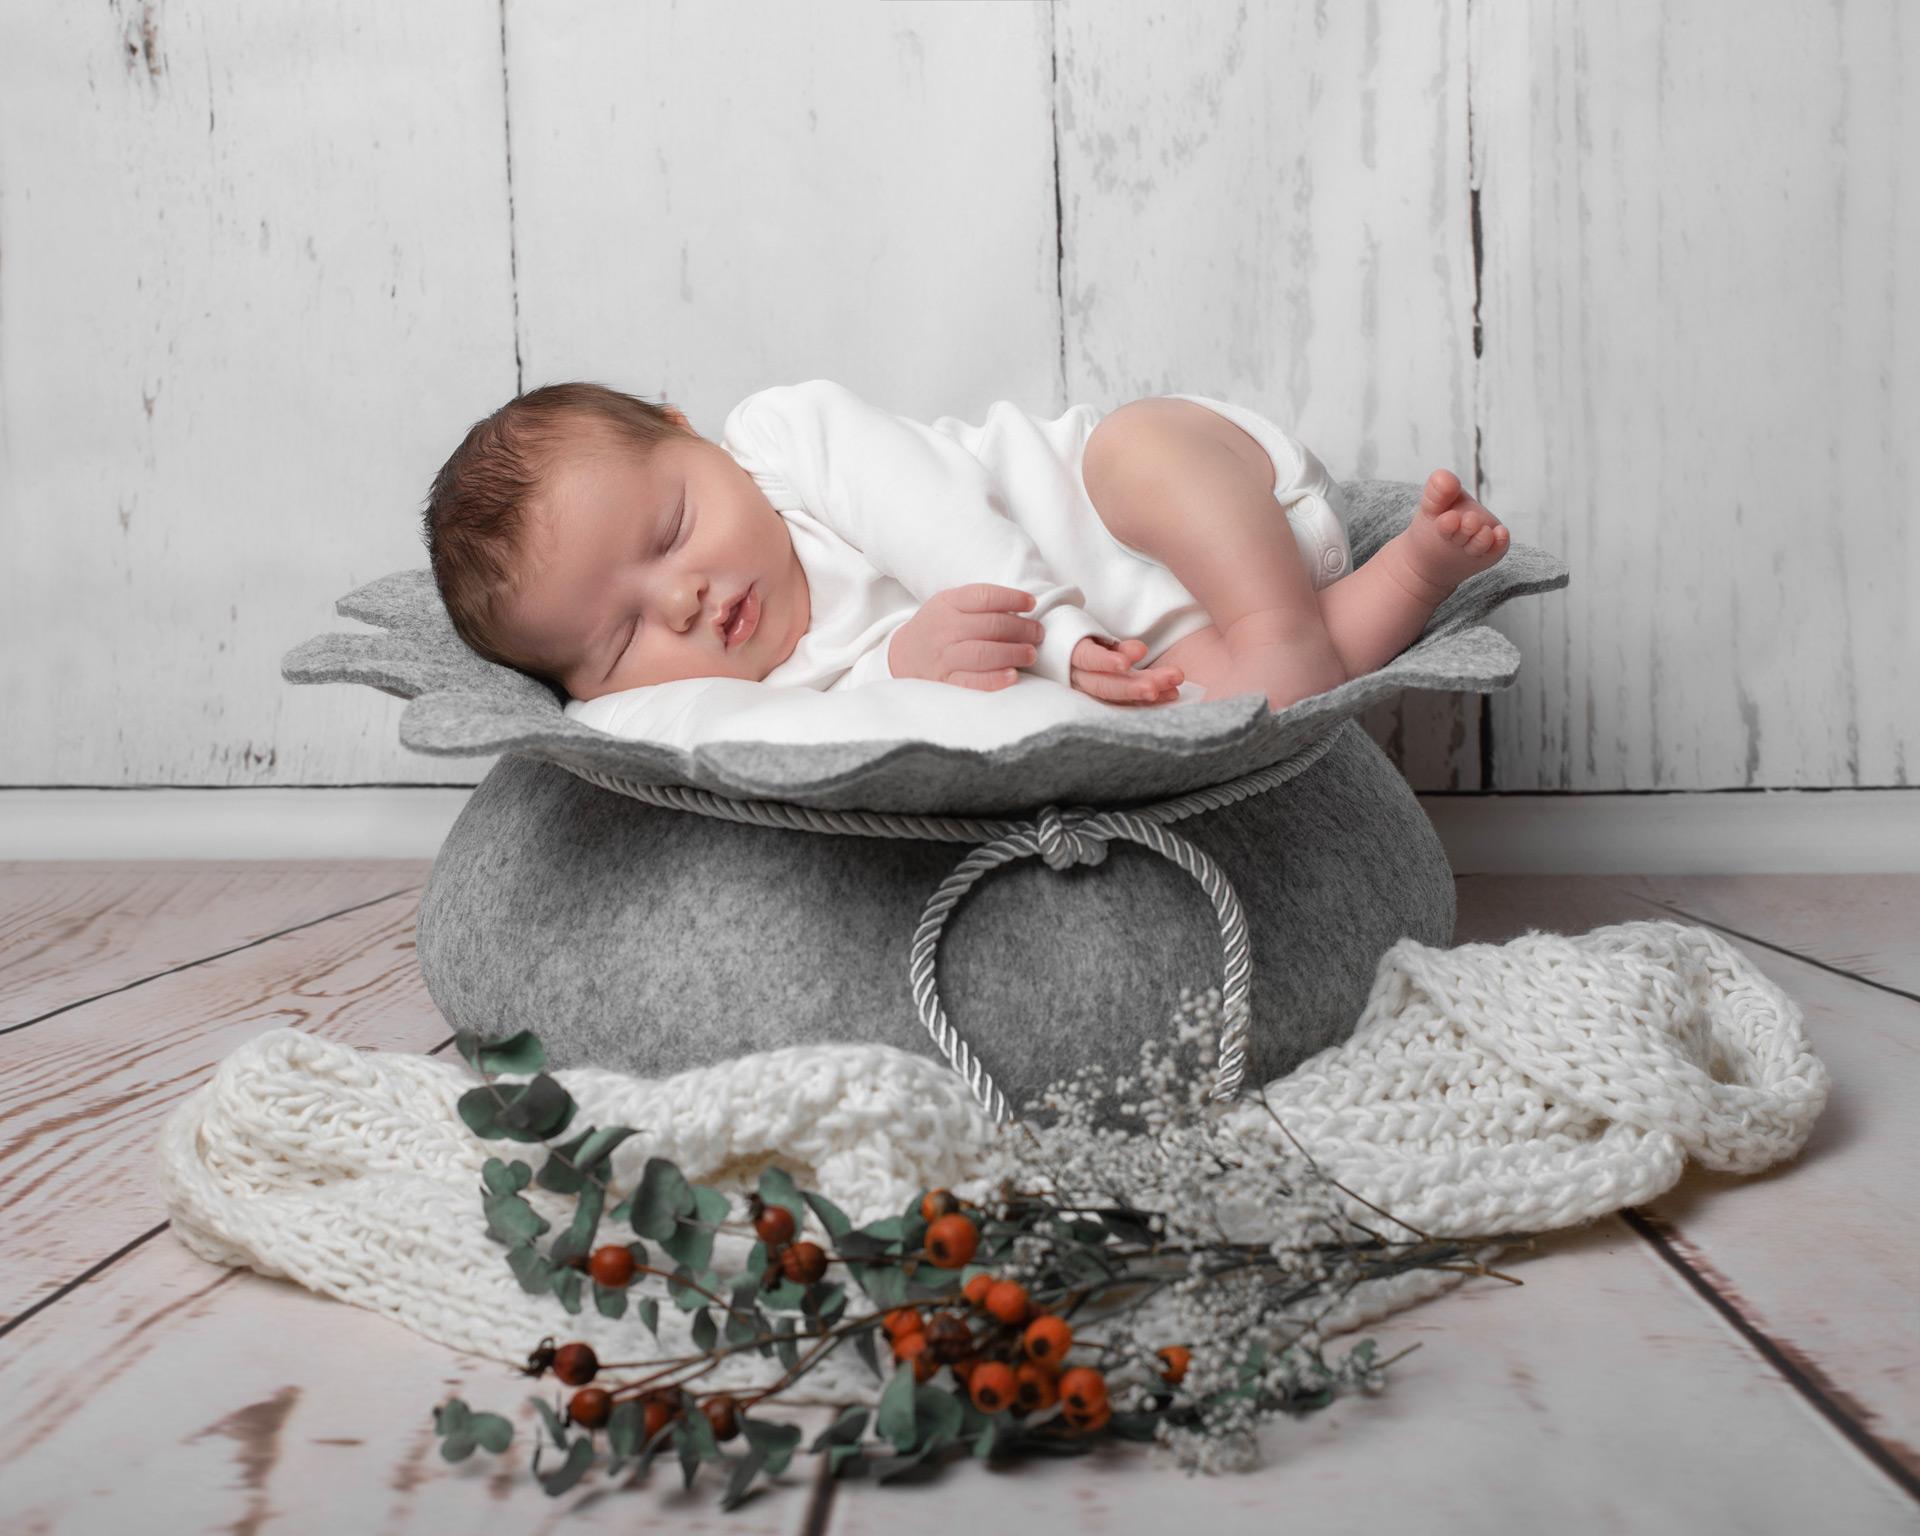 NewbornFotografieRegenDeggendorfStraubingNiederbayern - PORTFOLIO